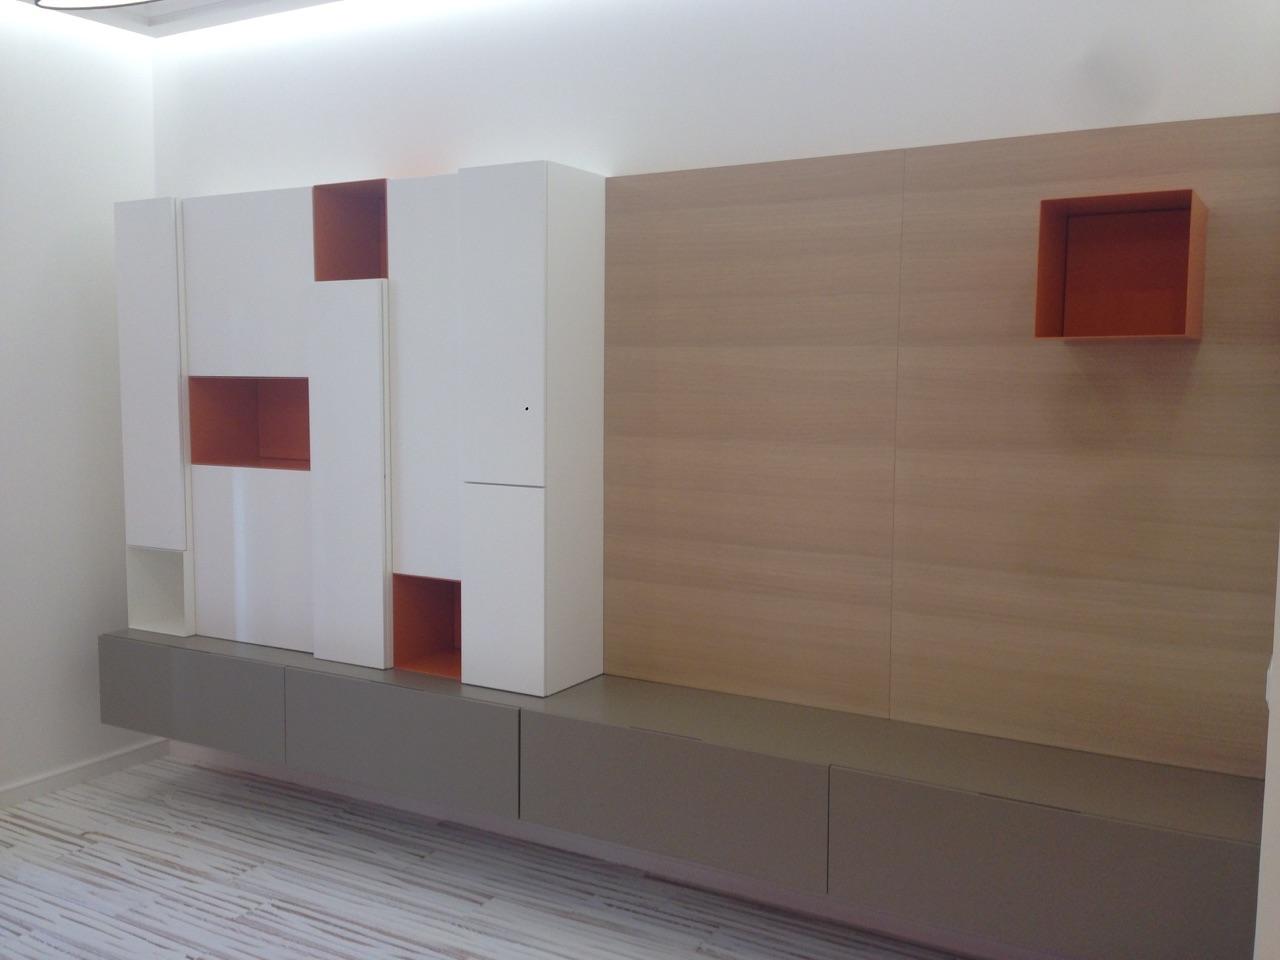 Arredatore interni zona giorno di un appartamento mosca zona giorno zona living pareti - Pareti attrezzate design ...